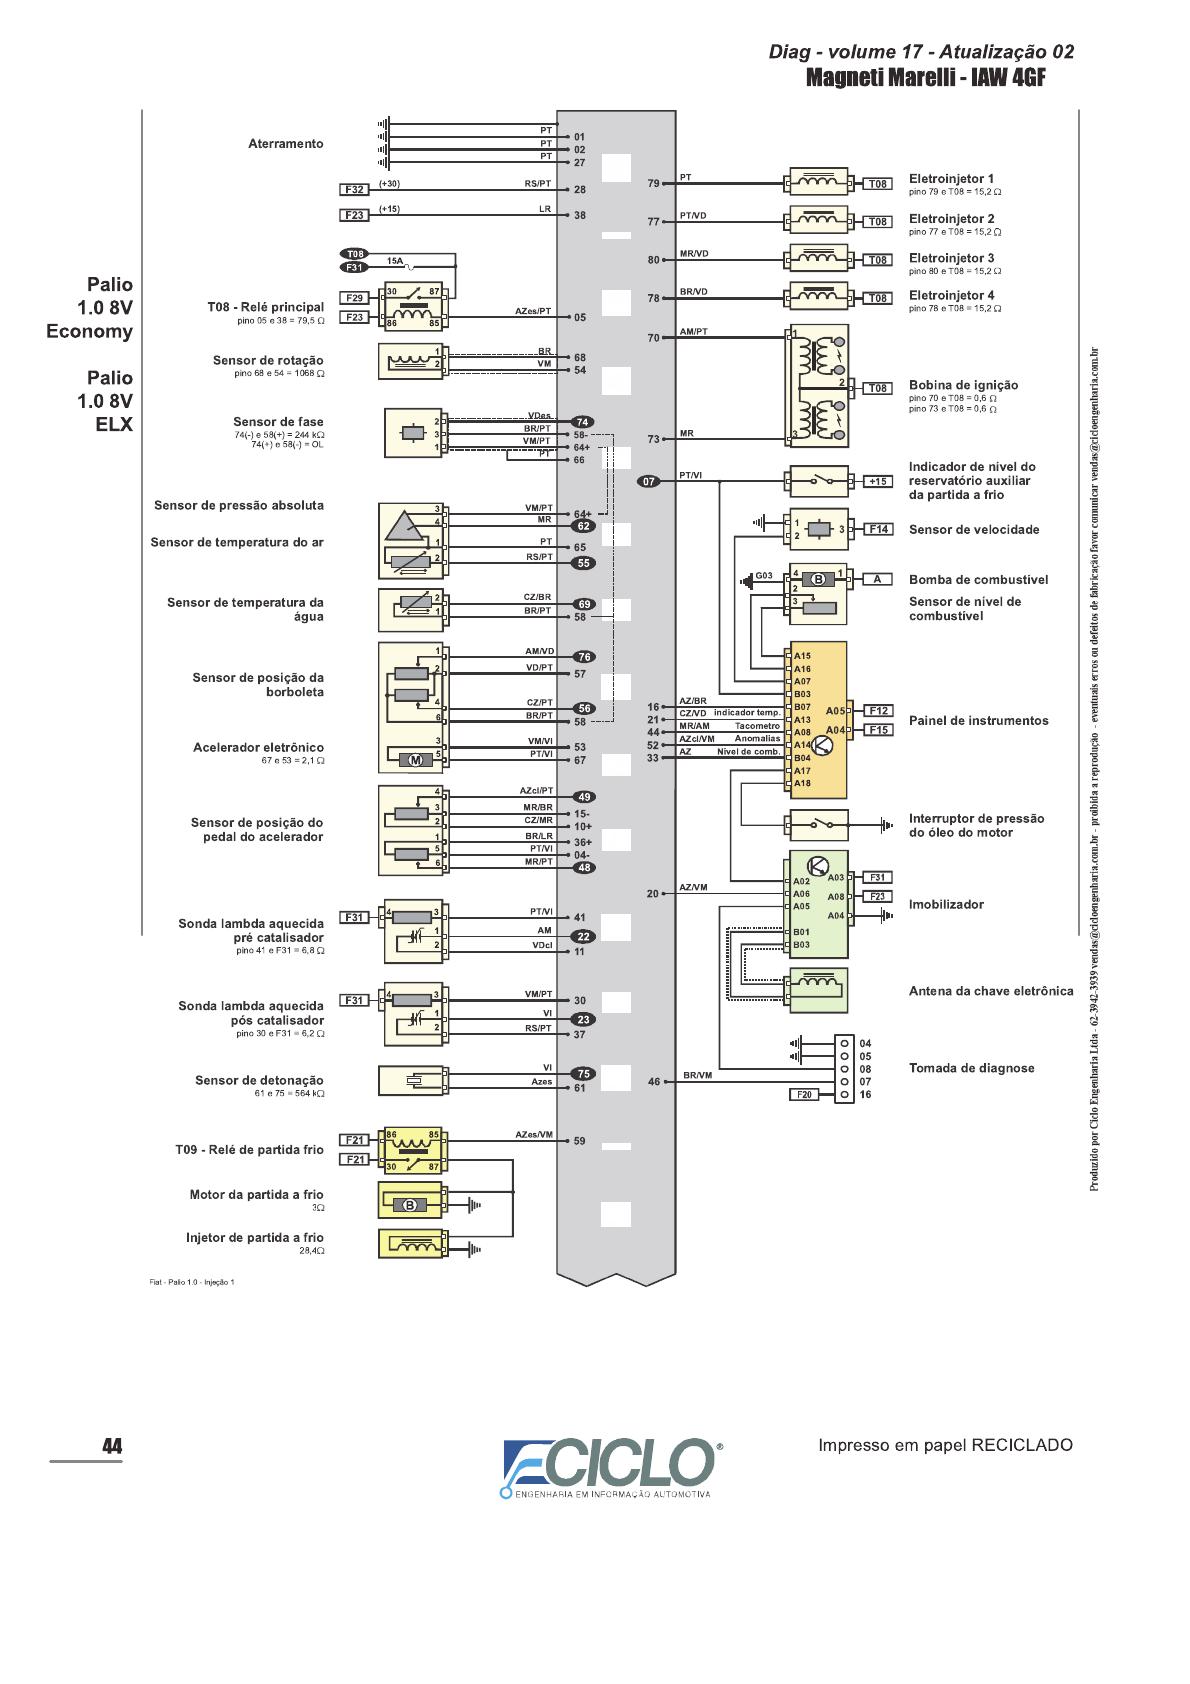 Diagrama elétrico referente ao sistema de injeção